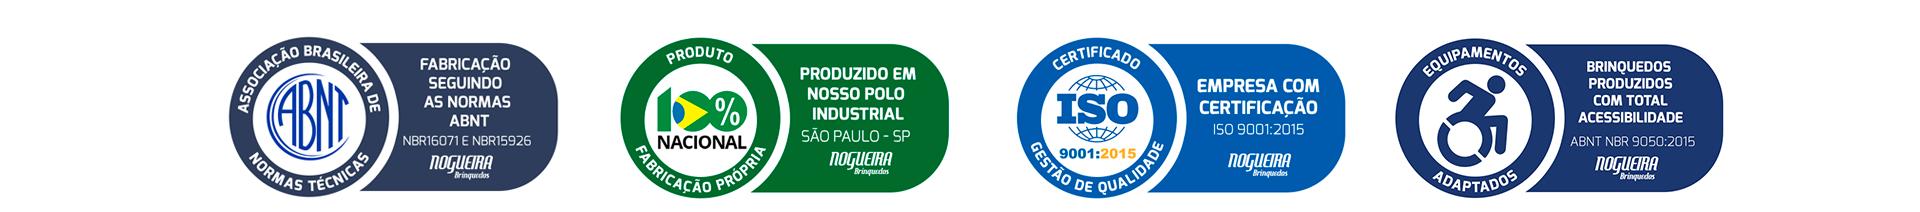 Selos-Nogueira